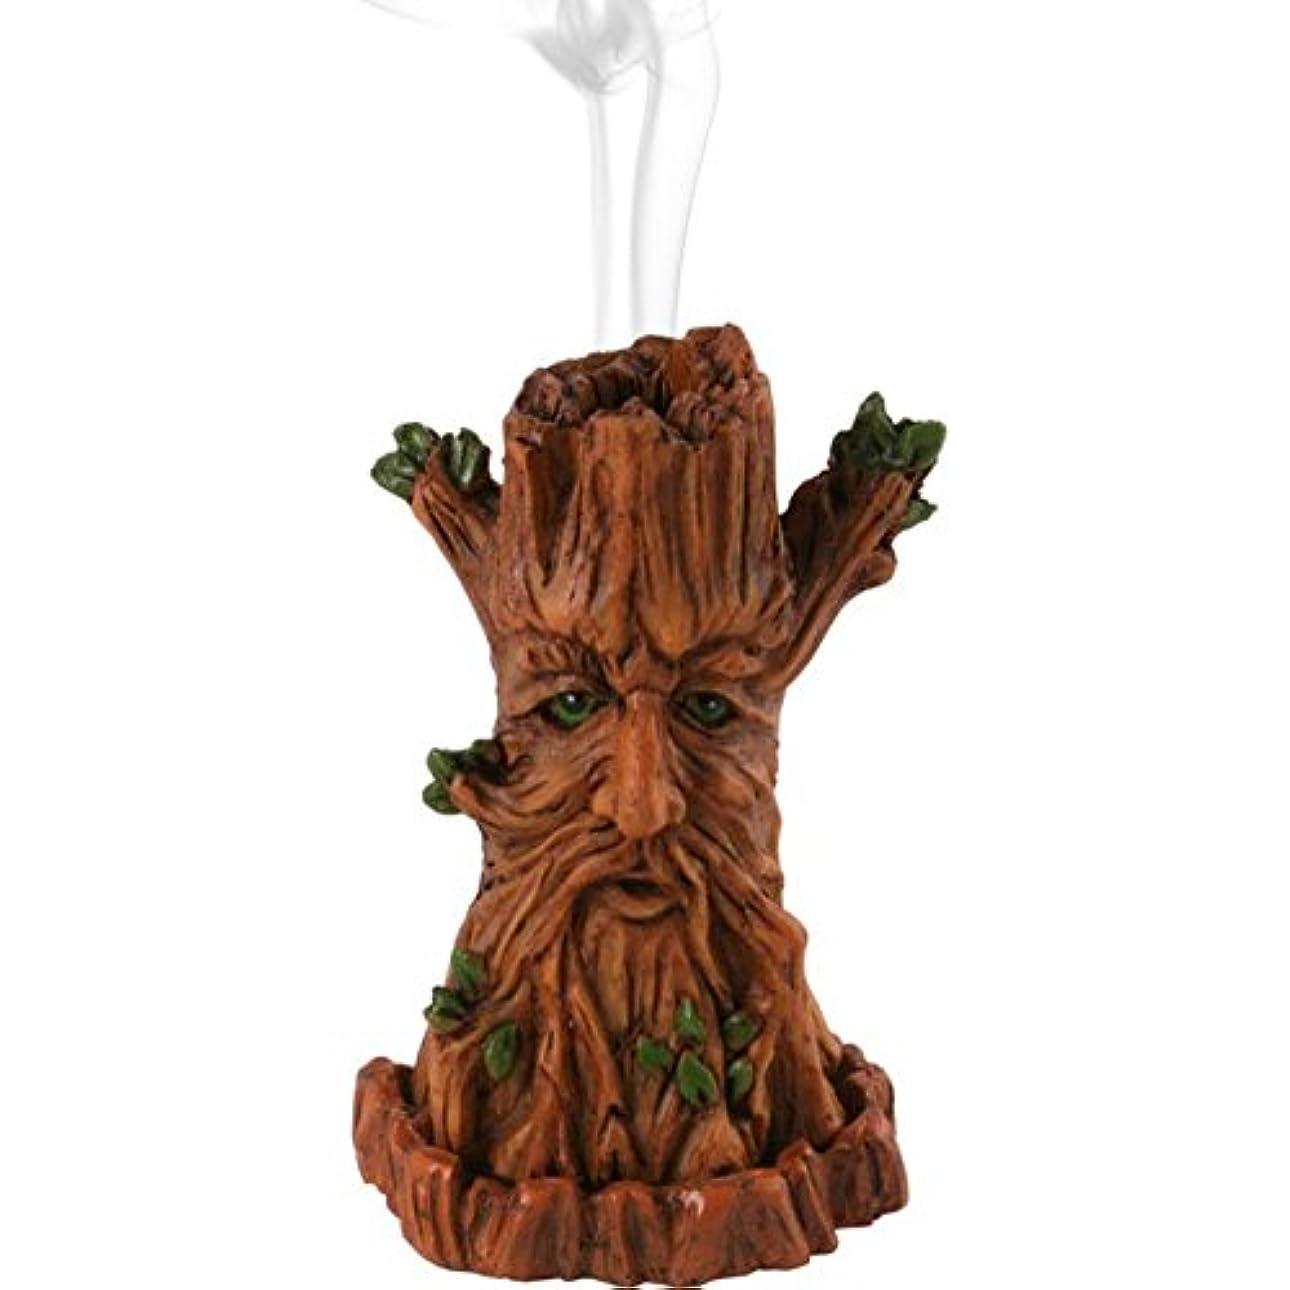 ピッチャー正直置くためにパックJones Home and Gift Tree Man Incense Burner, Multi-Colour by Jones Home and Gift